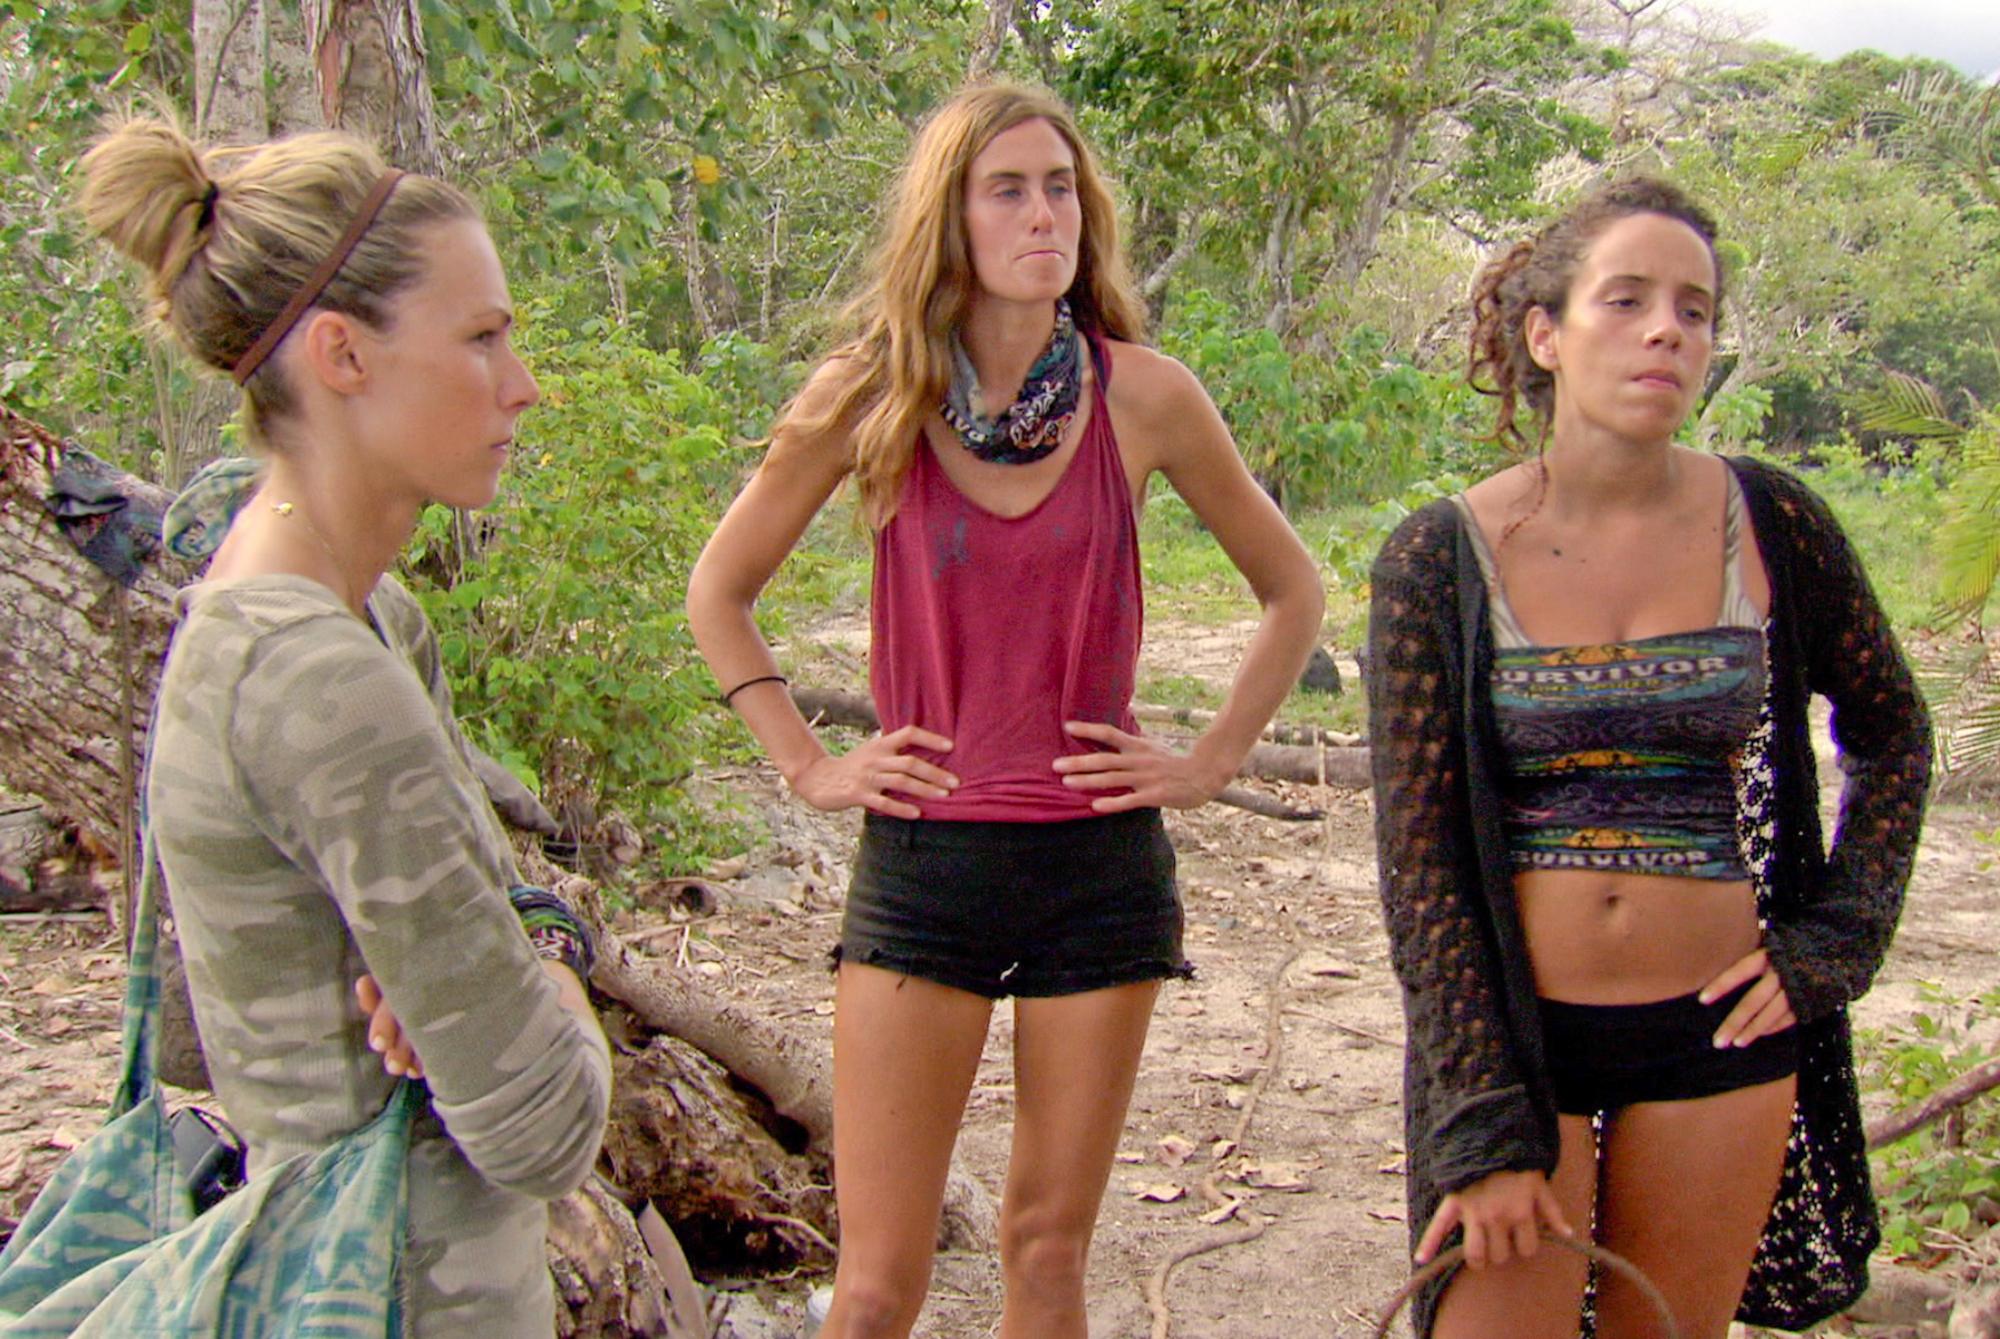 Chelsea, Kim and Alicia